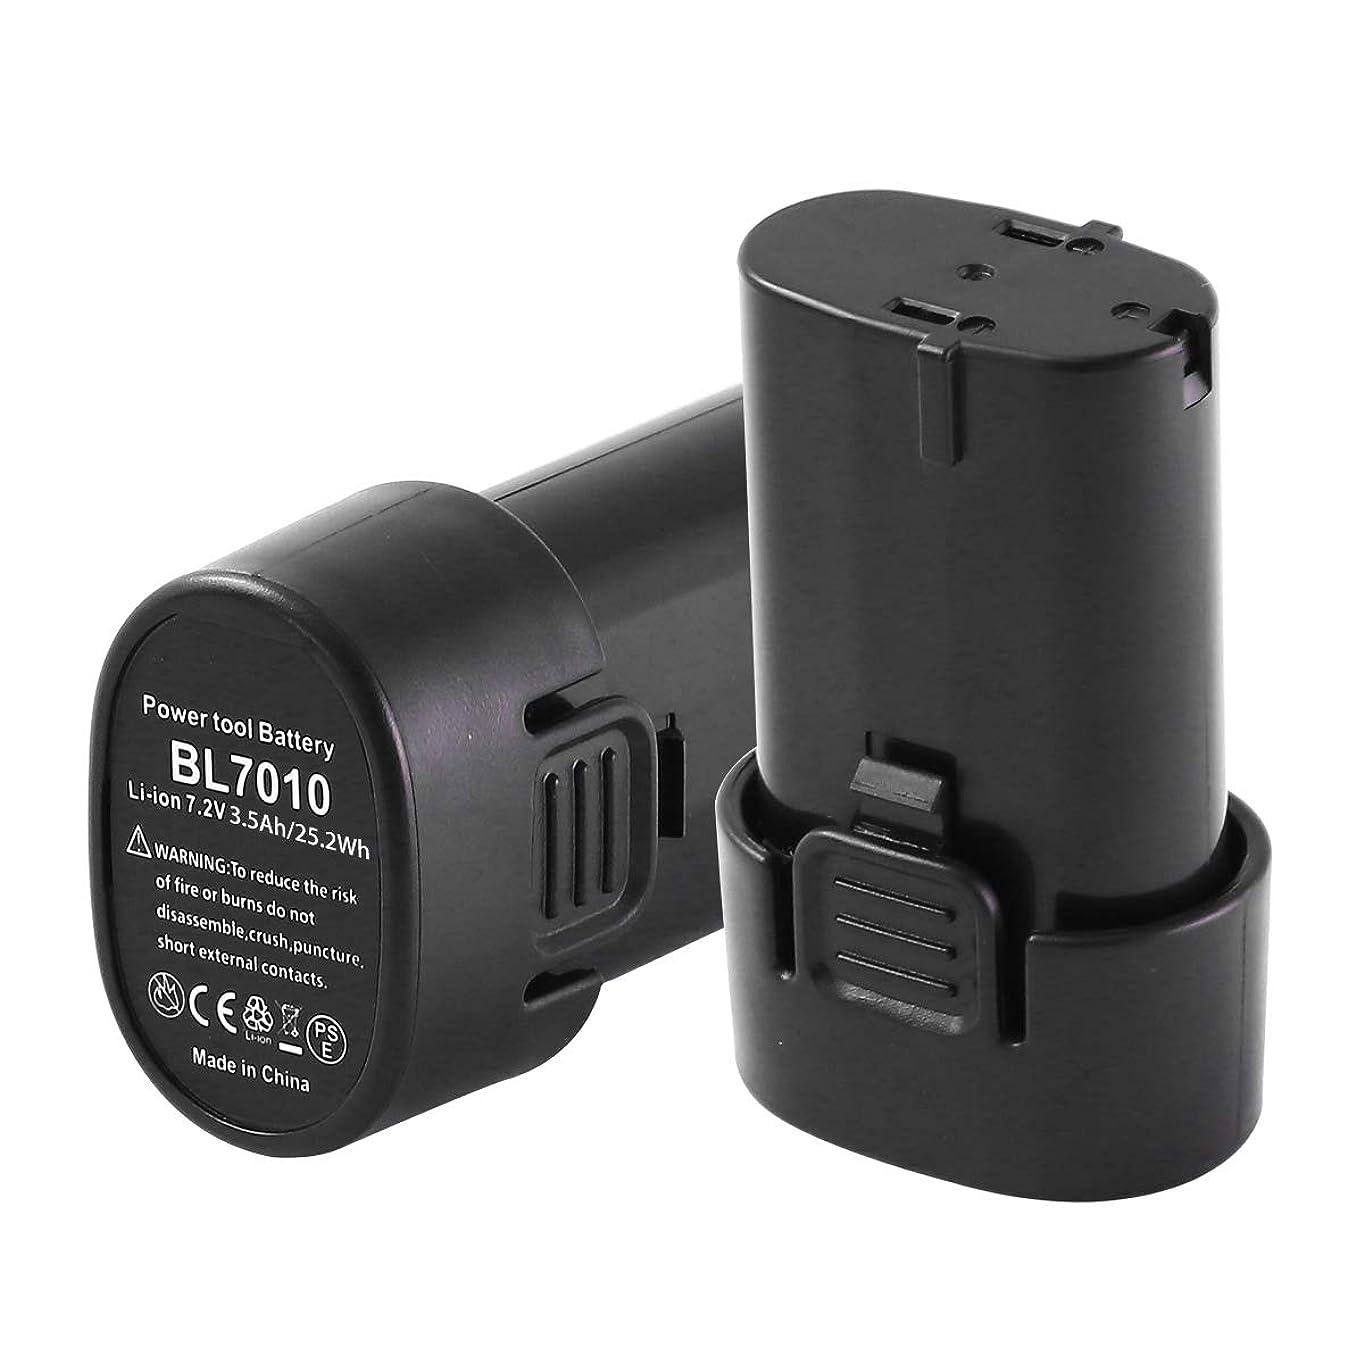 マキタ7.2vバッテリー BL7010 7.2vバッテリ3.5Ah マキタ互換バッテリー 7.2vマキタバッテリー高容量リチウムイオン【2個セット】A-47494 194356-2 対応互換 マキタ7.2v電動工具バッテリー 一年保証 FunMall